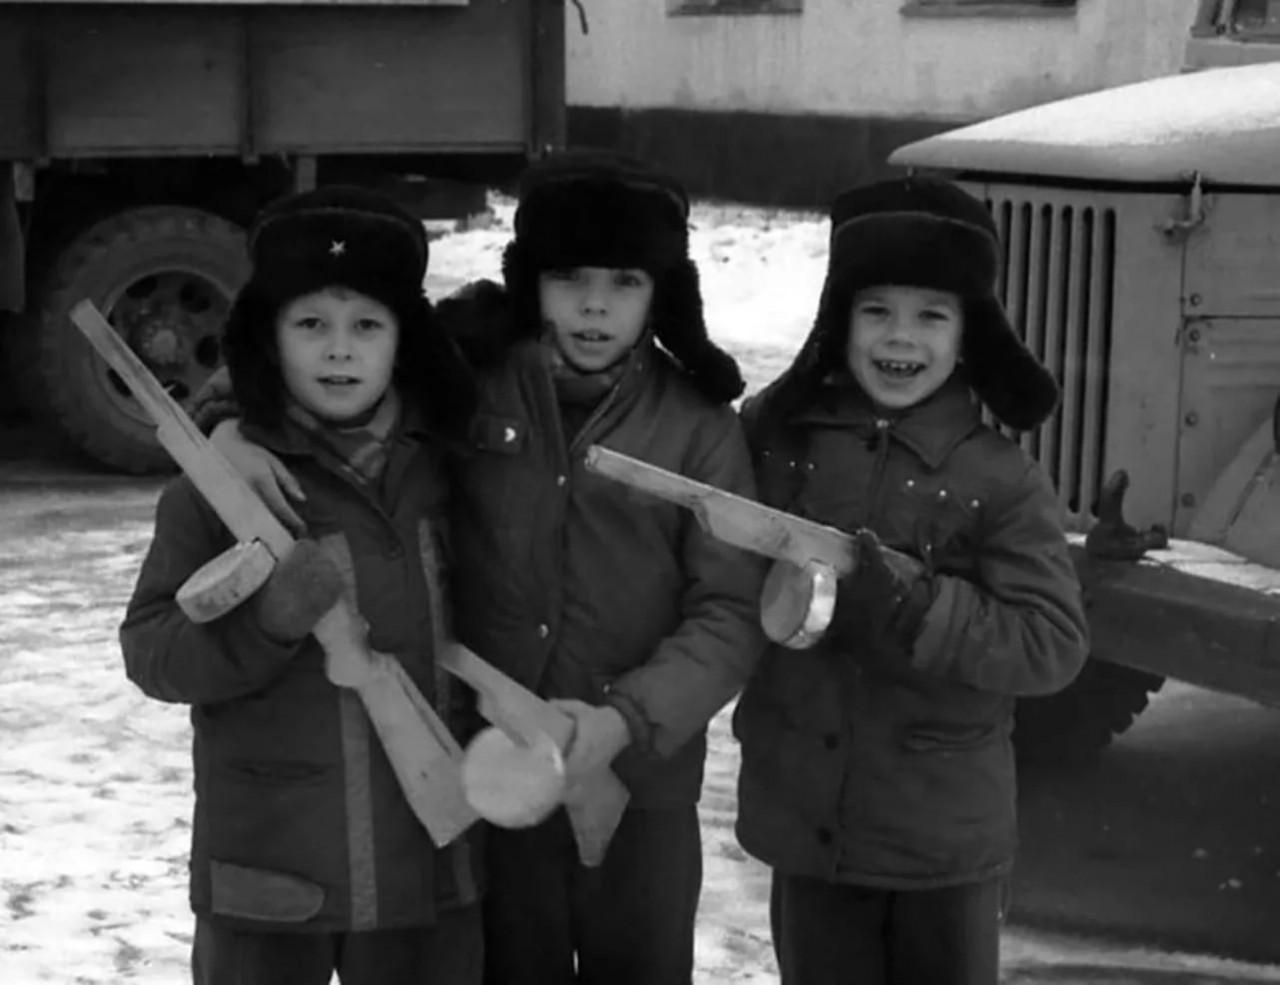 Все наверное в детстве в войнушку играли...